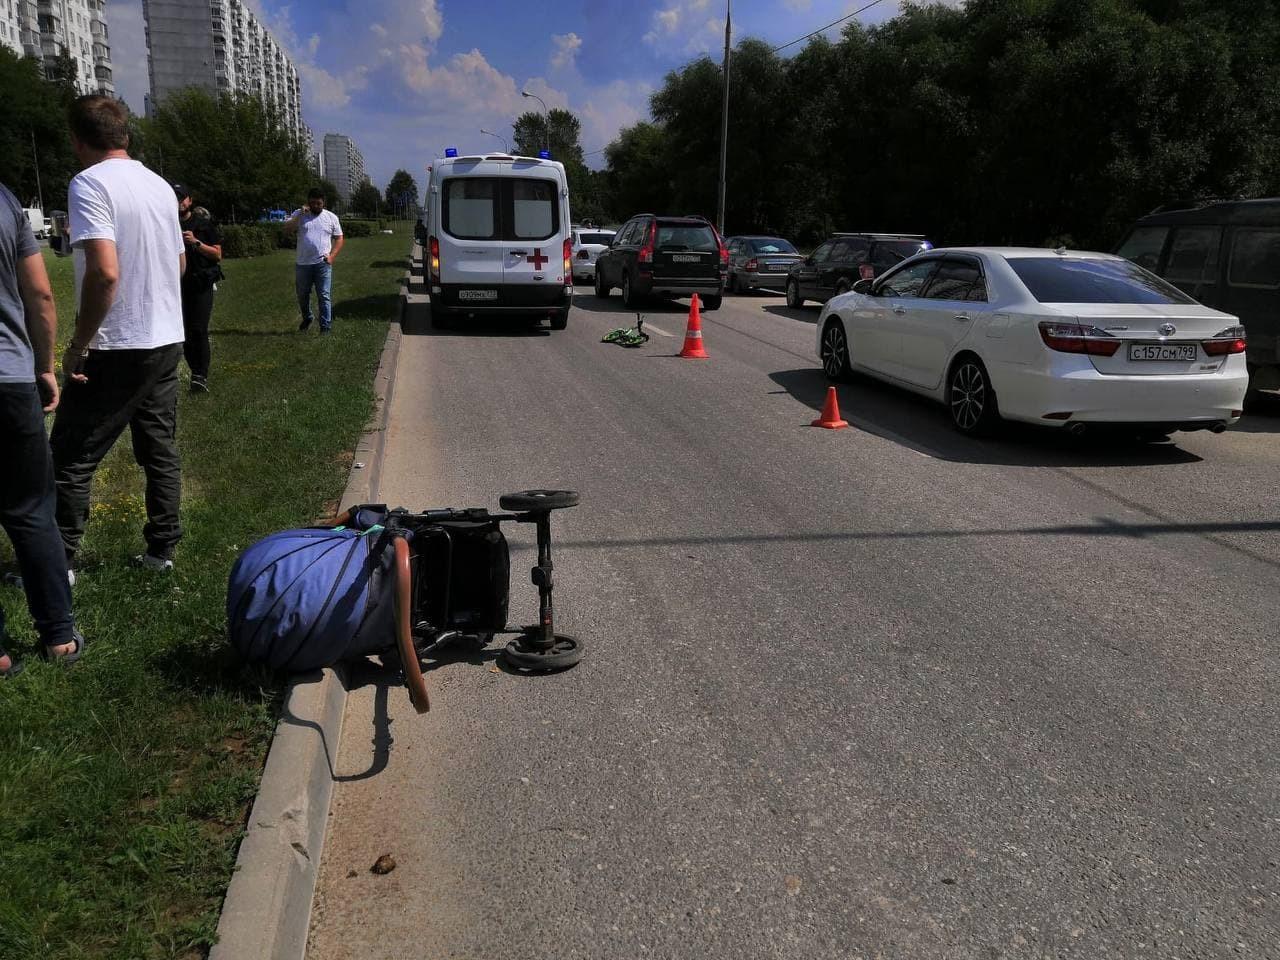 Новороссийцы обсуждают резонансное ДТП: девушка сбила троих детей на пешеходном переходе в Москве (видео)